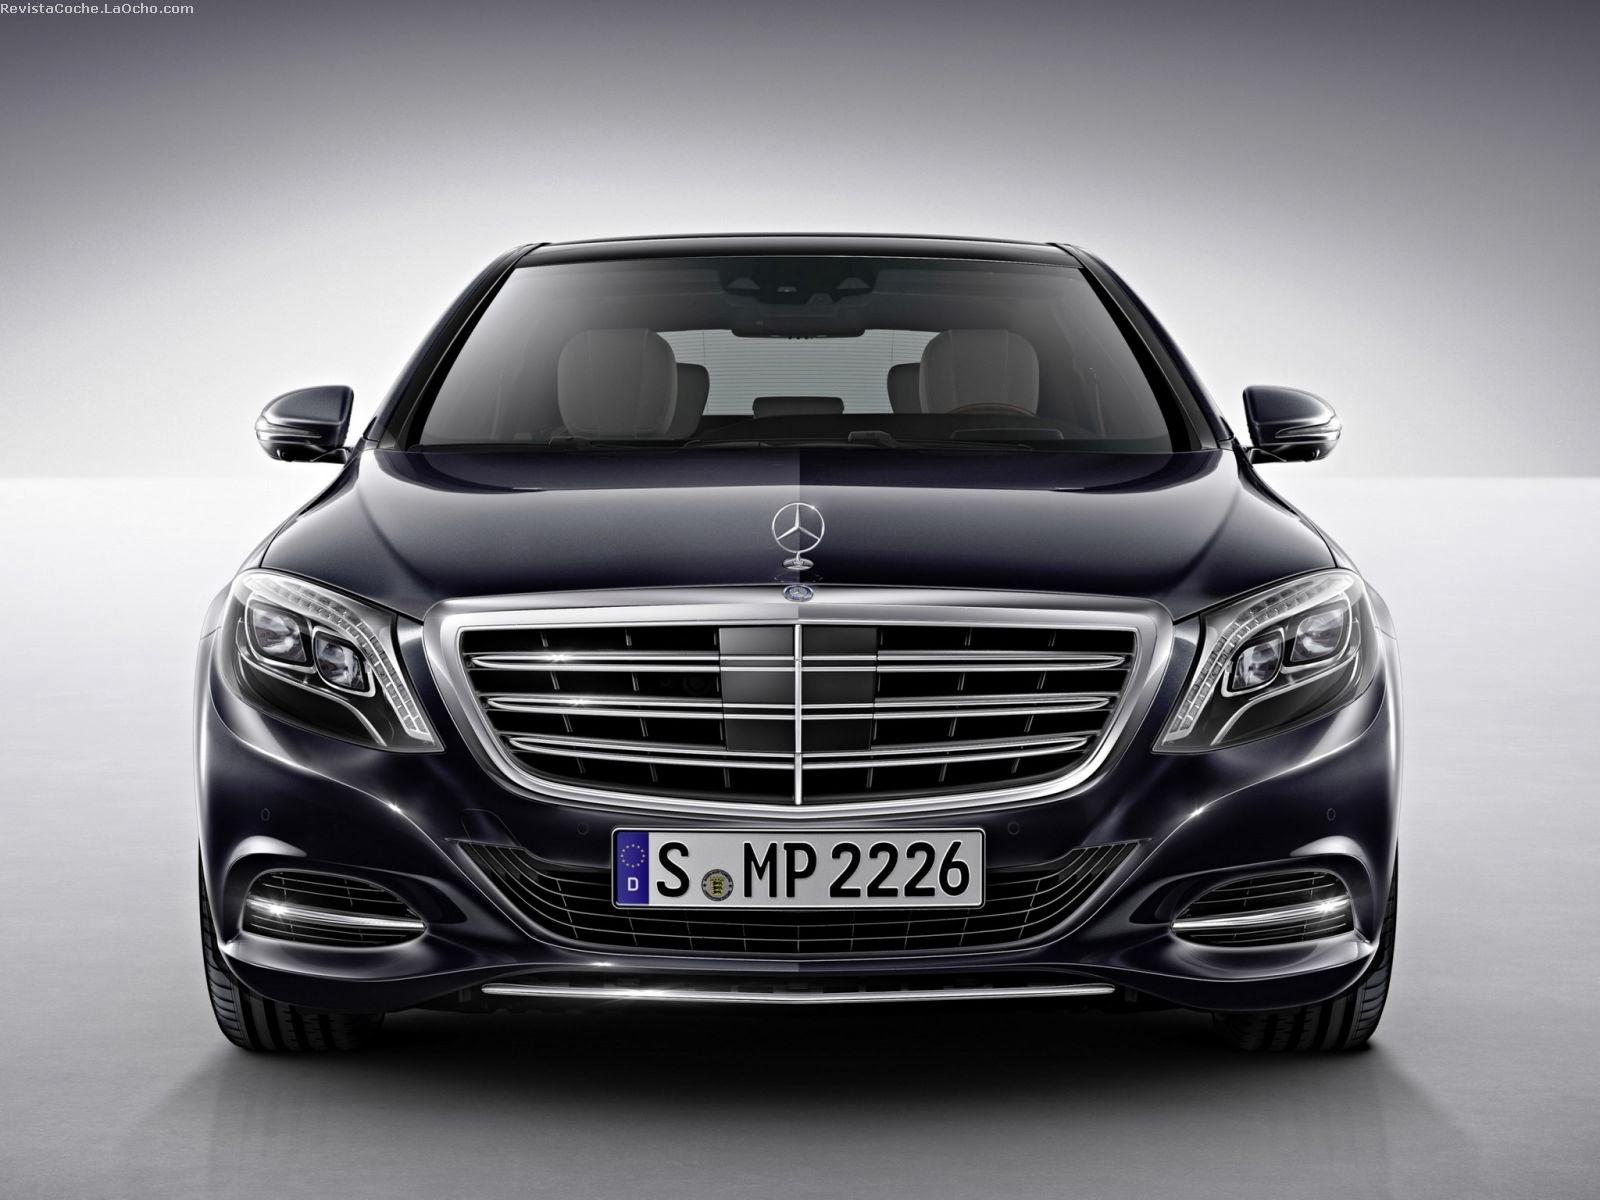 revista coche nuevo mercedes benz s 600 2015